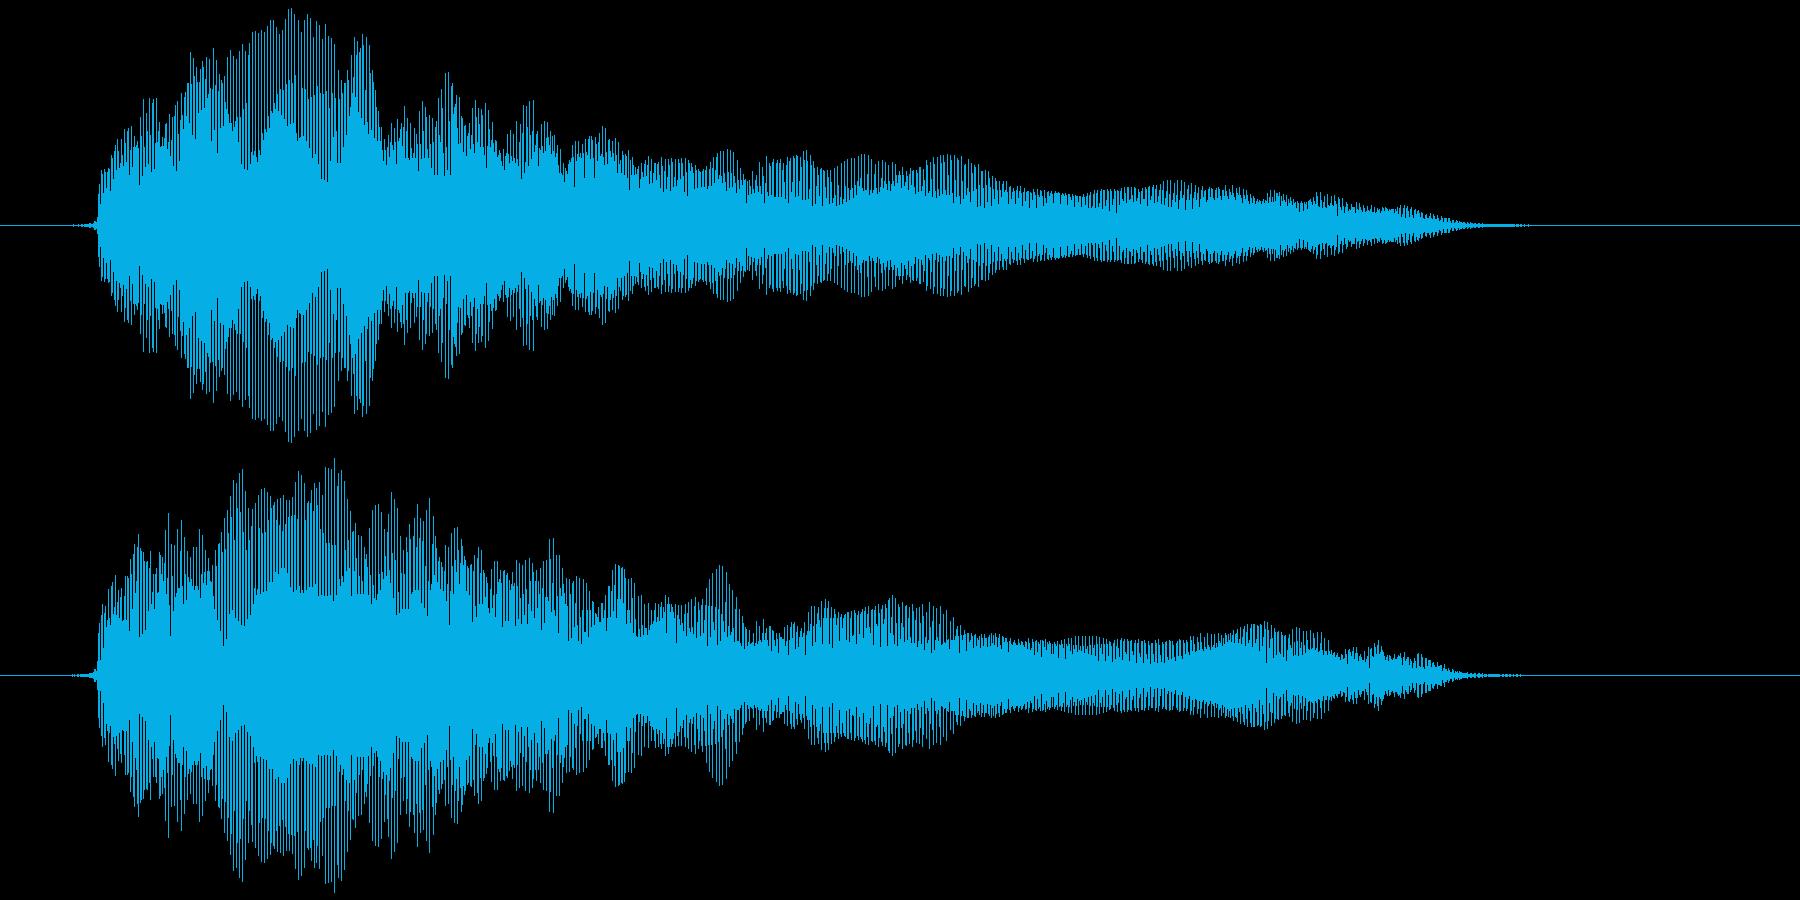 おもちゃの笛 (押す、潰す) プゥゥゥ~の再生済みの波形